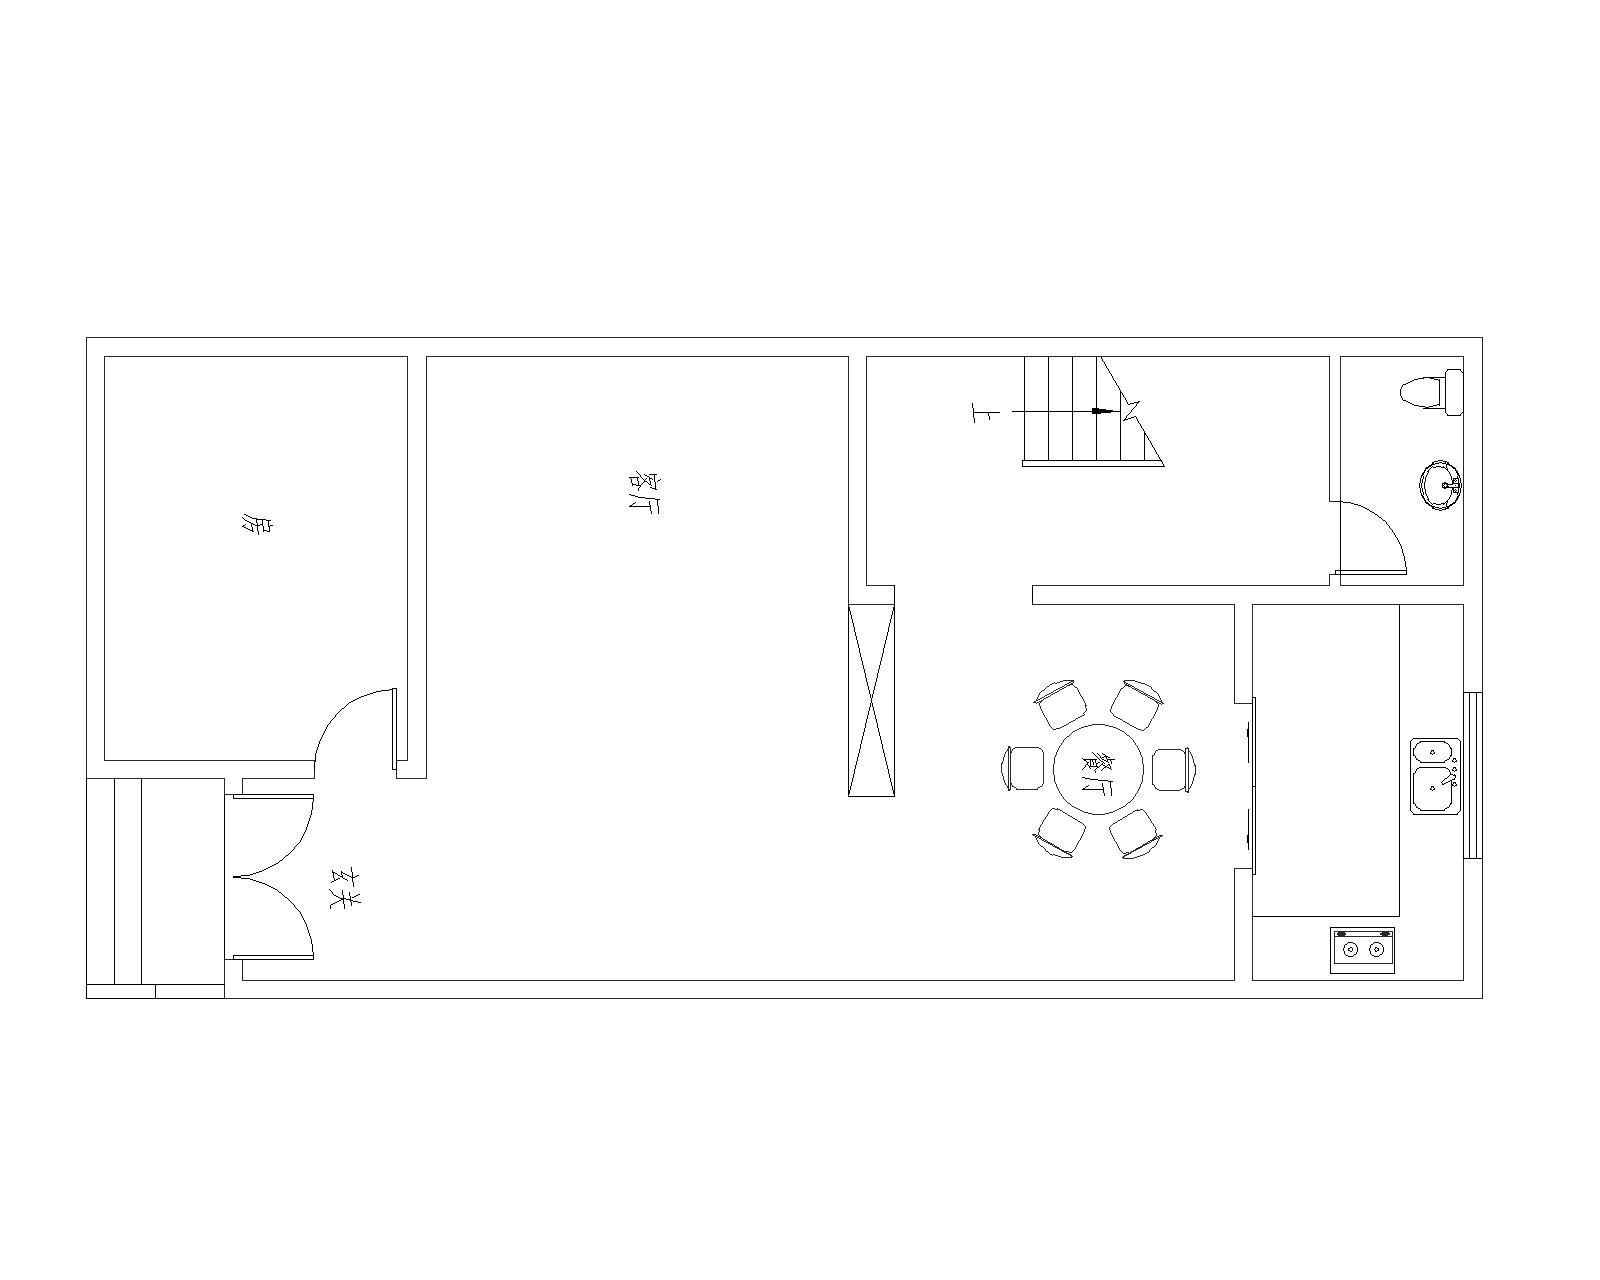 求积7*15的面积,自建三层半的房屋设计图,长形的地基图片